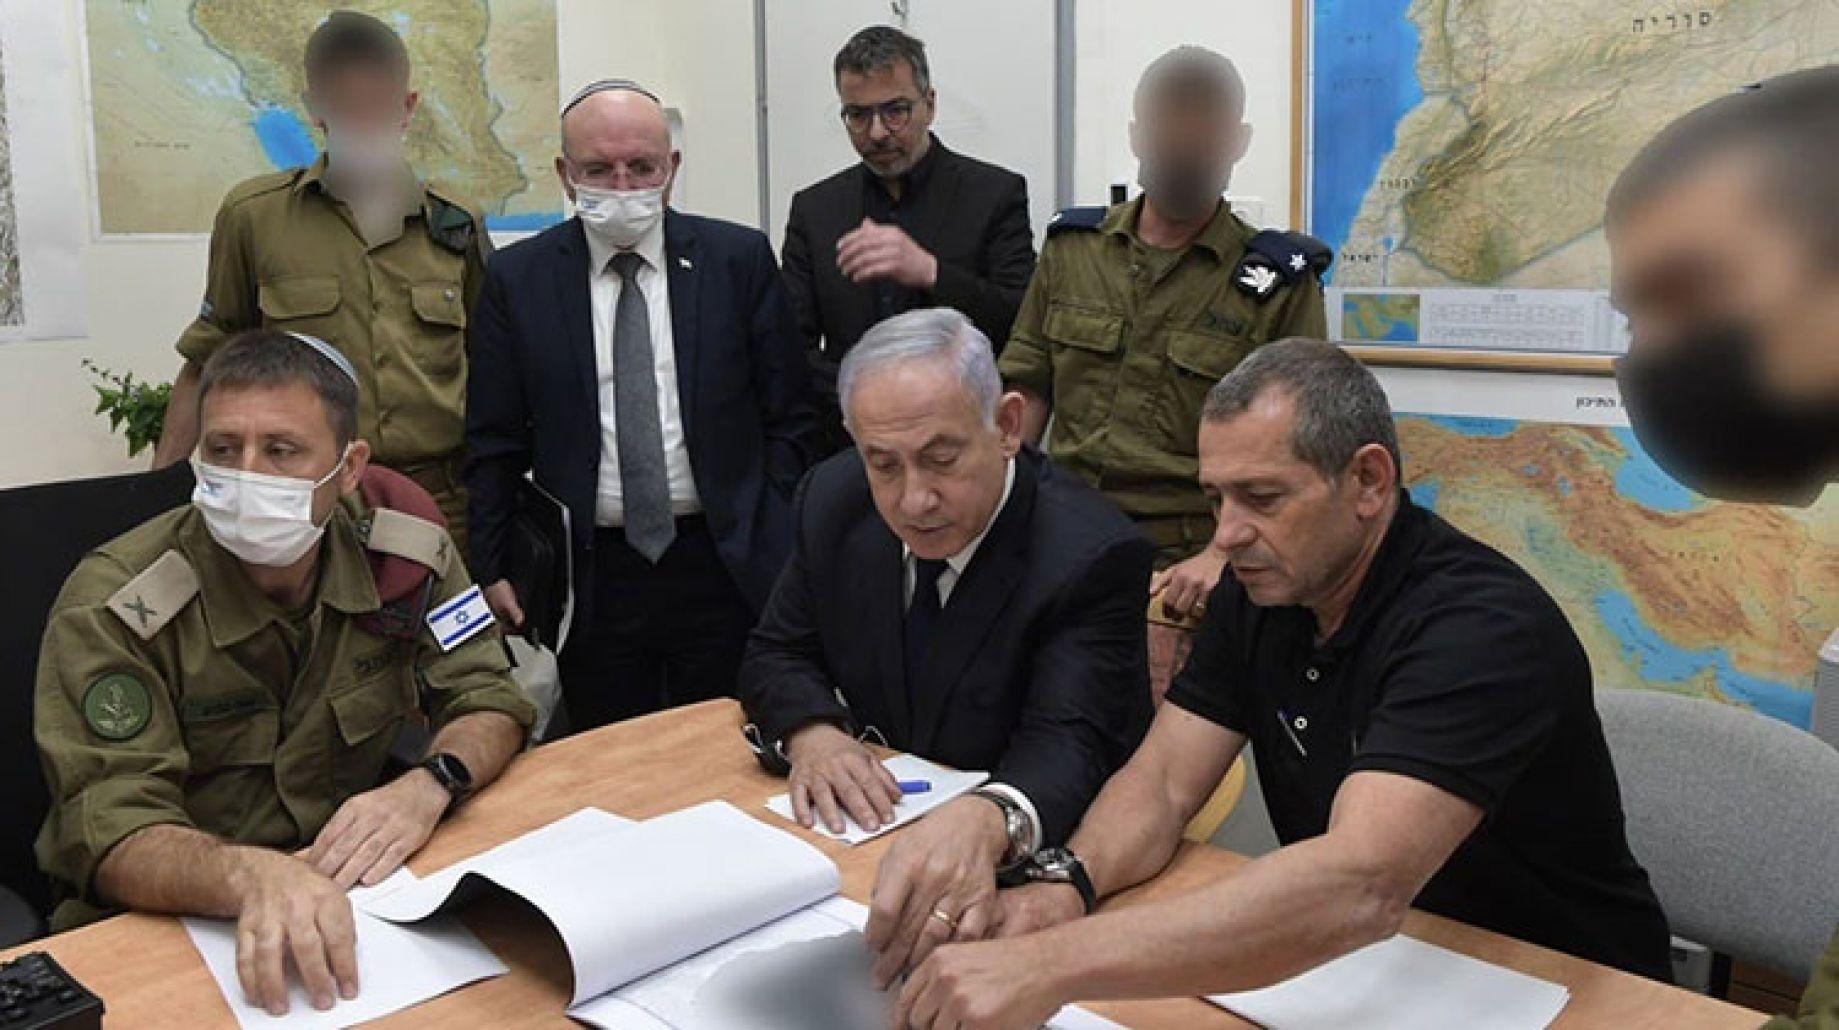 إسرائيل تقبل المقترح المصري لوقف إطلاق النار في غزة